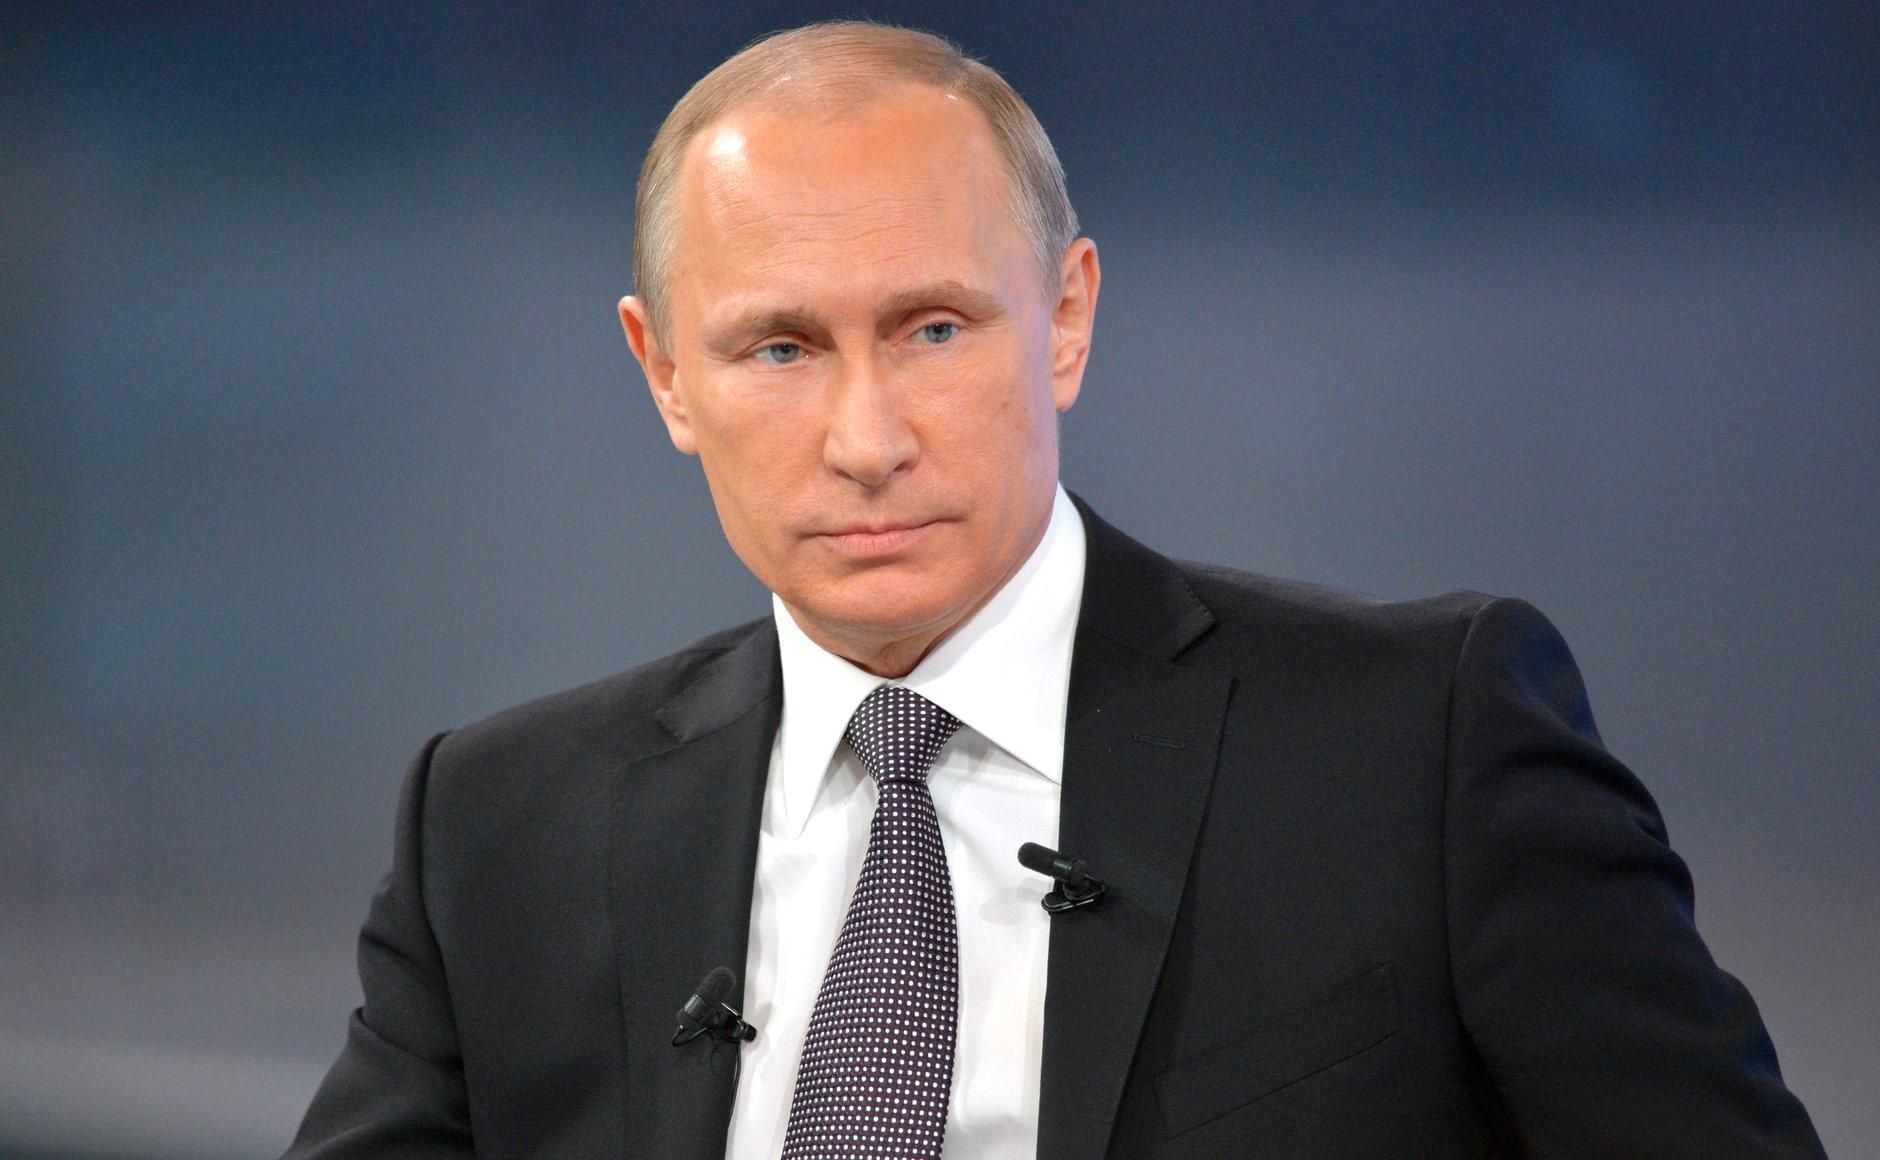 ВСША растет число симпатизирующих Путину